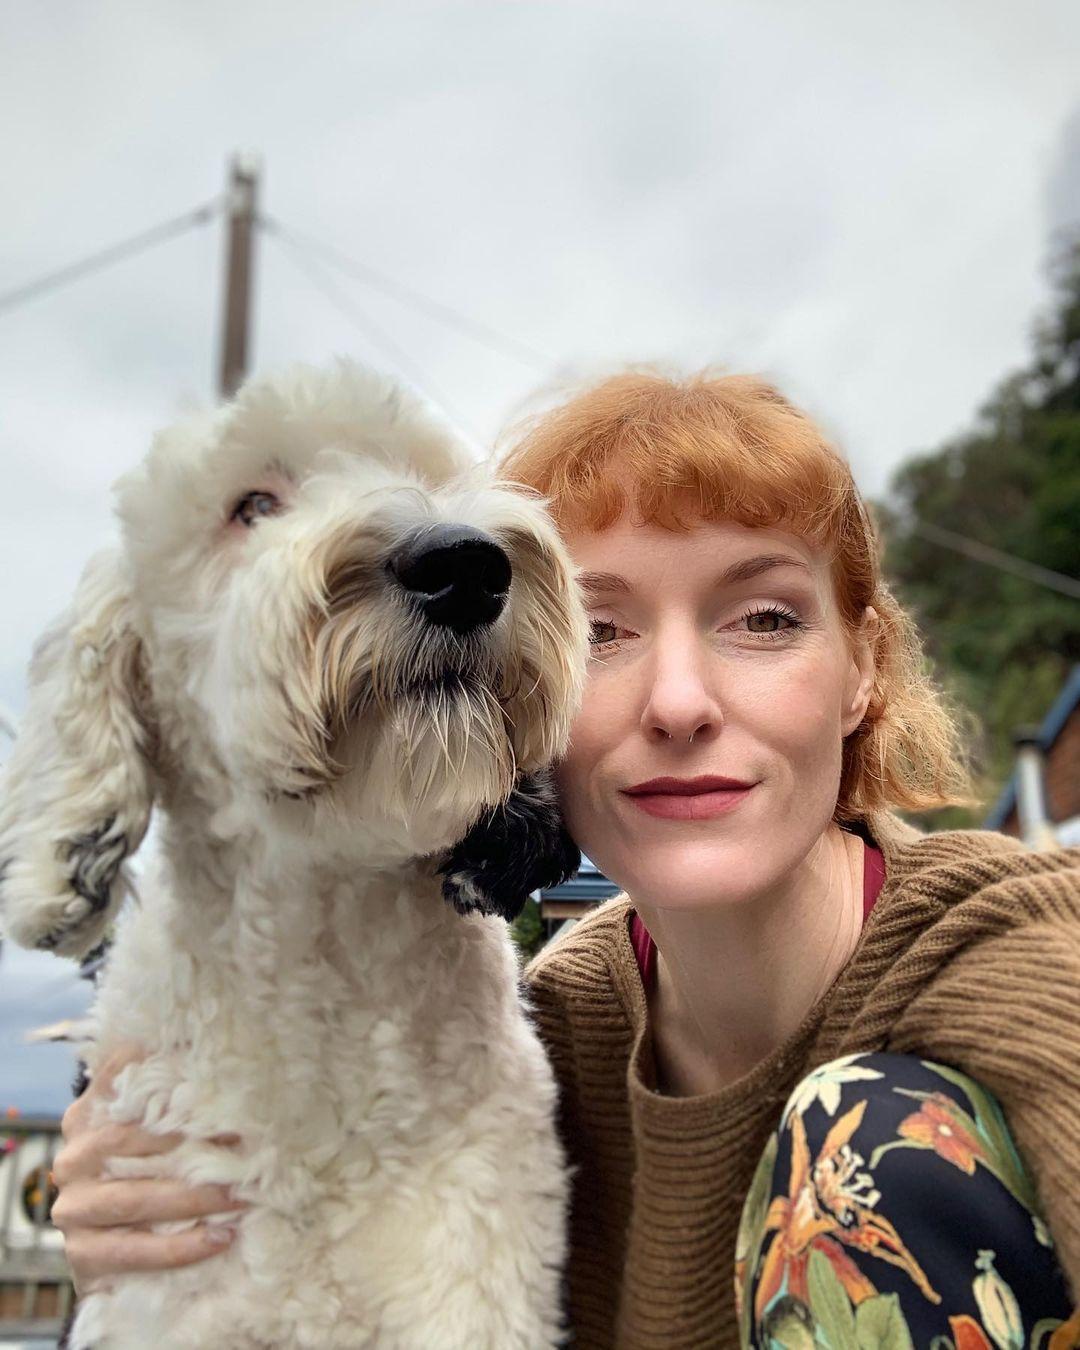 Женщина научила пса говорить с ней. Теперь за их общением наблюдают ученые